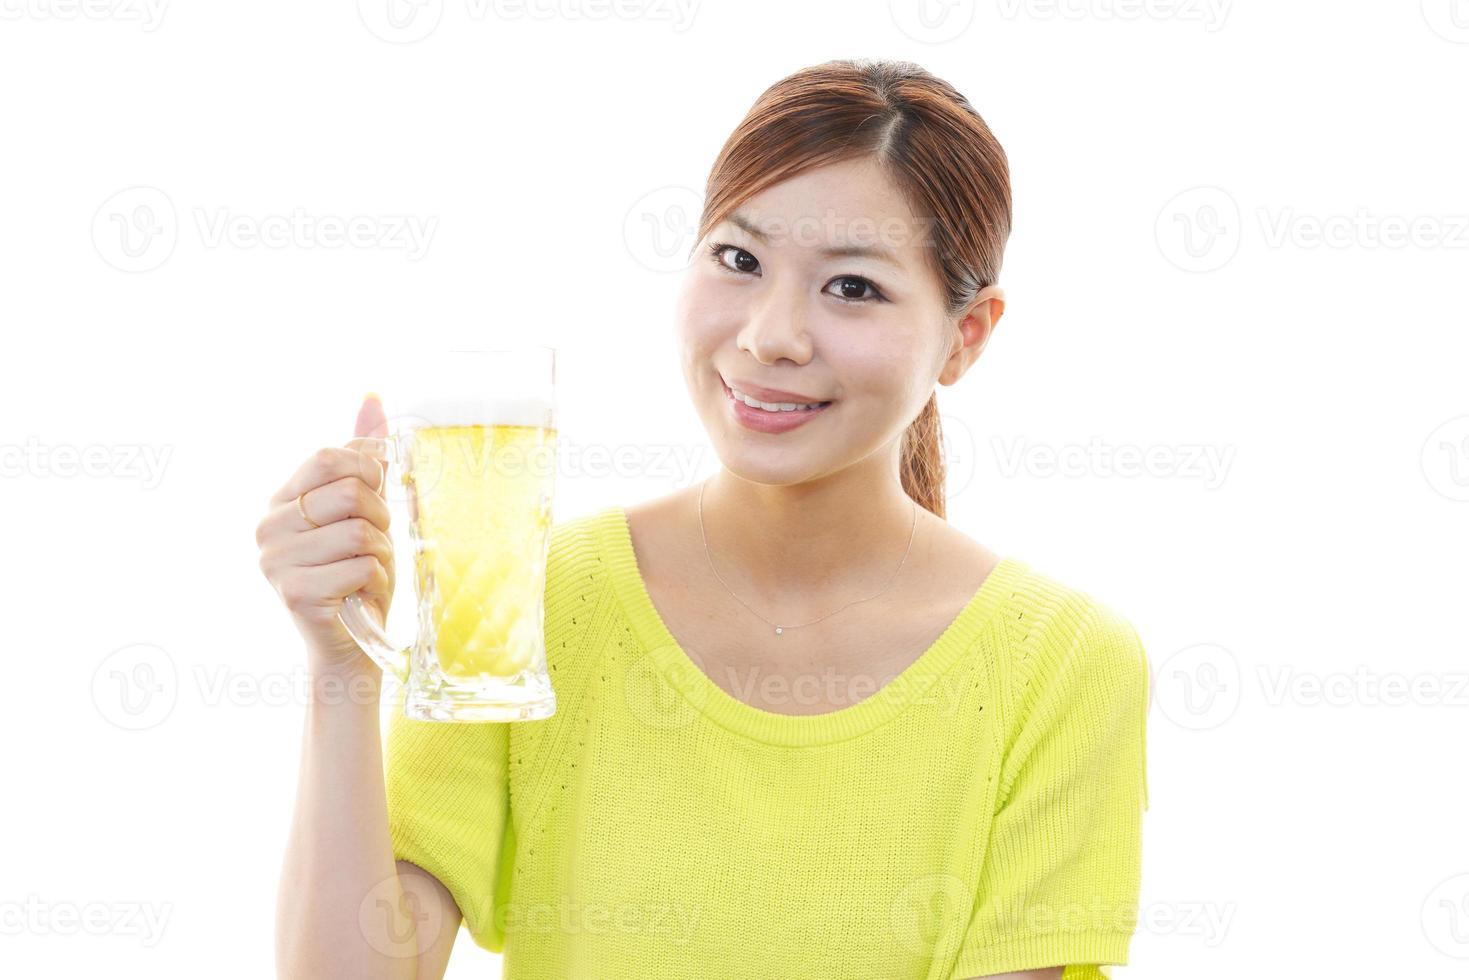 femme buvant de la bière photo